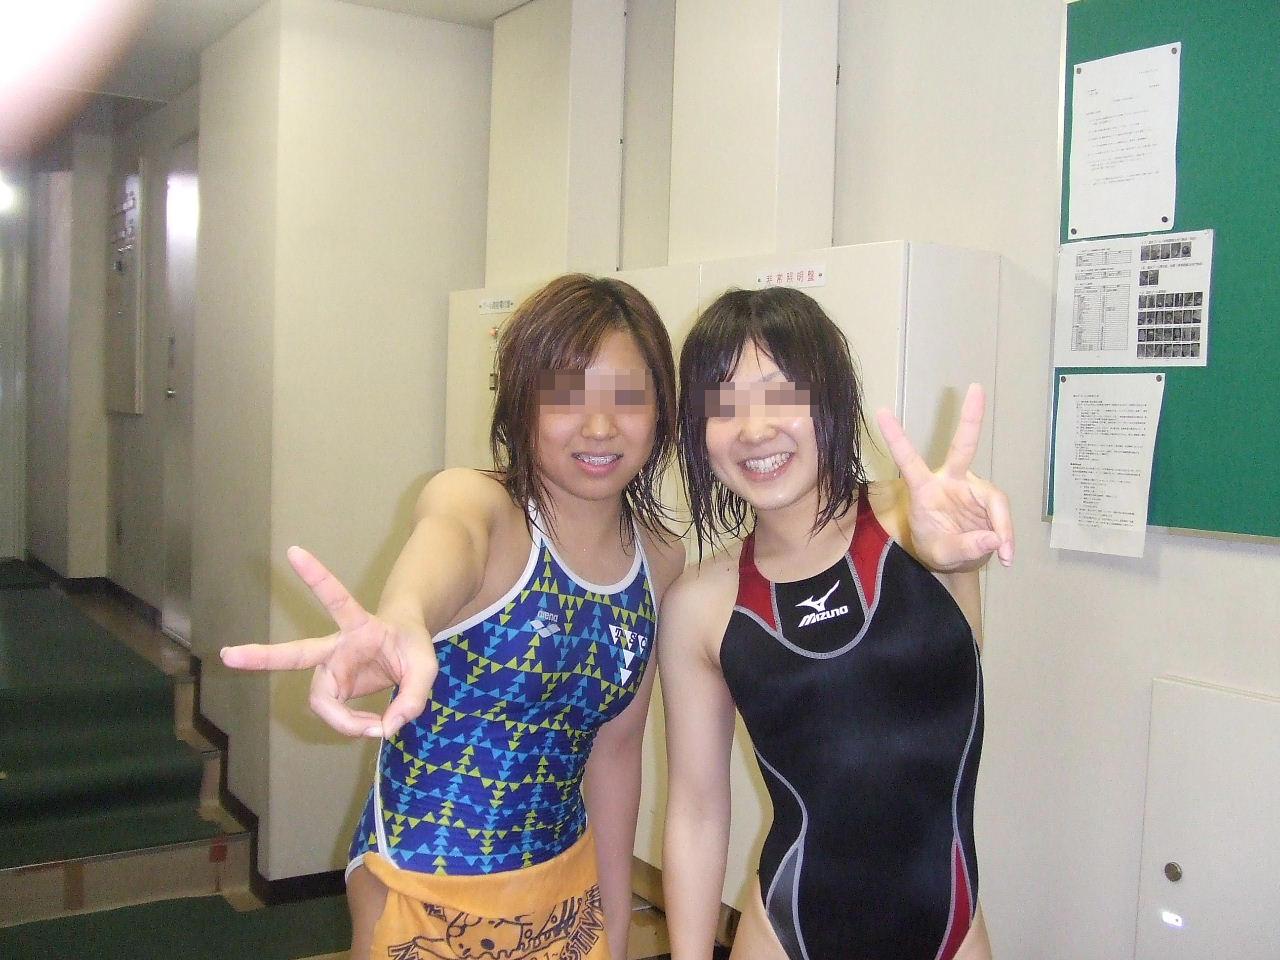 水泳部の女子をガチ盗撮www生尻むっちり乳首ポチ日焼け跡が最高な素人エロ画像 1416